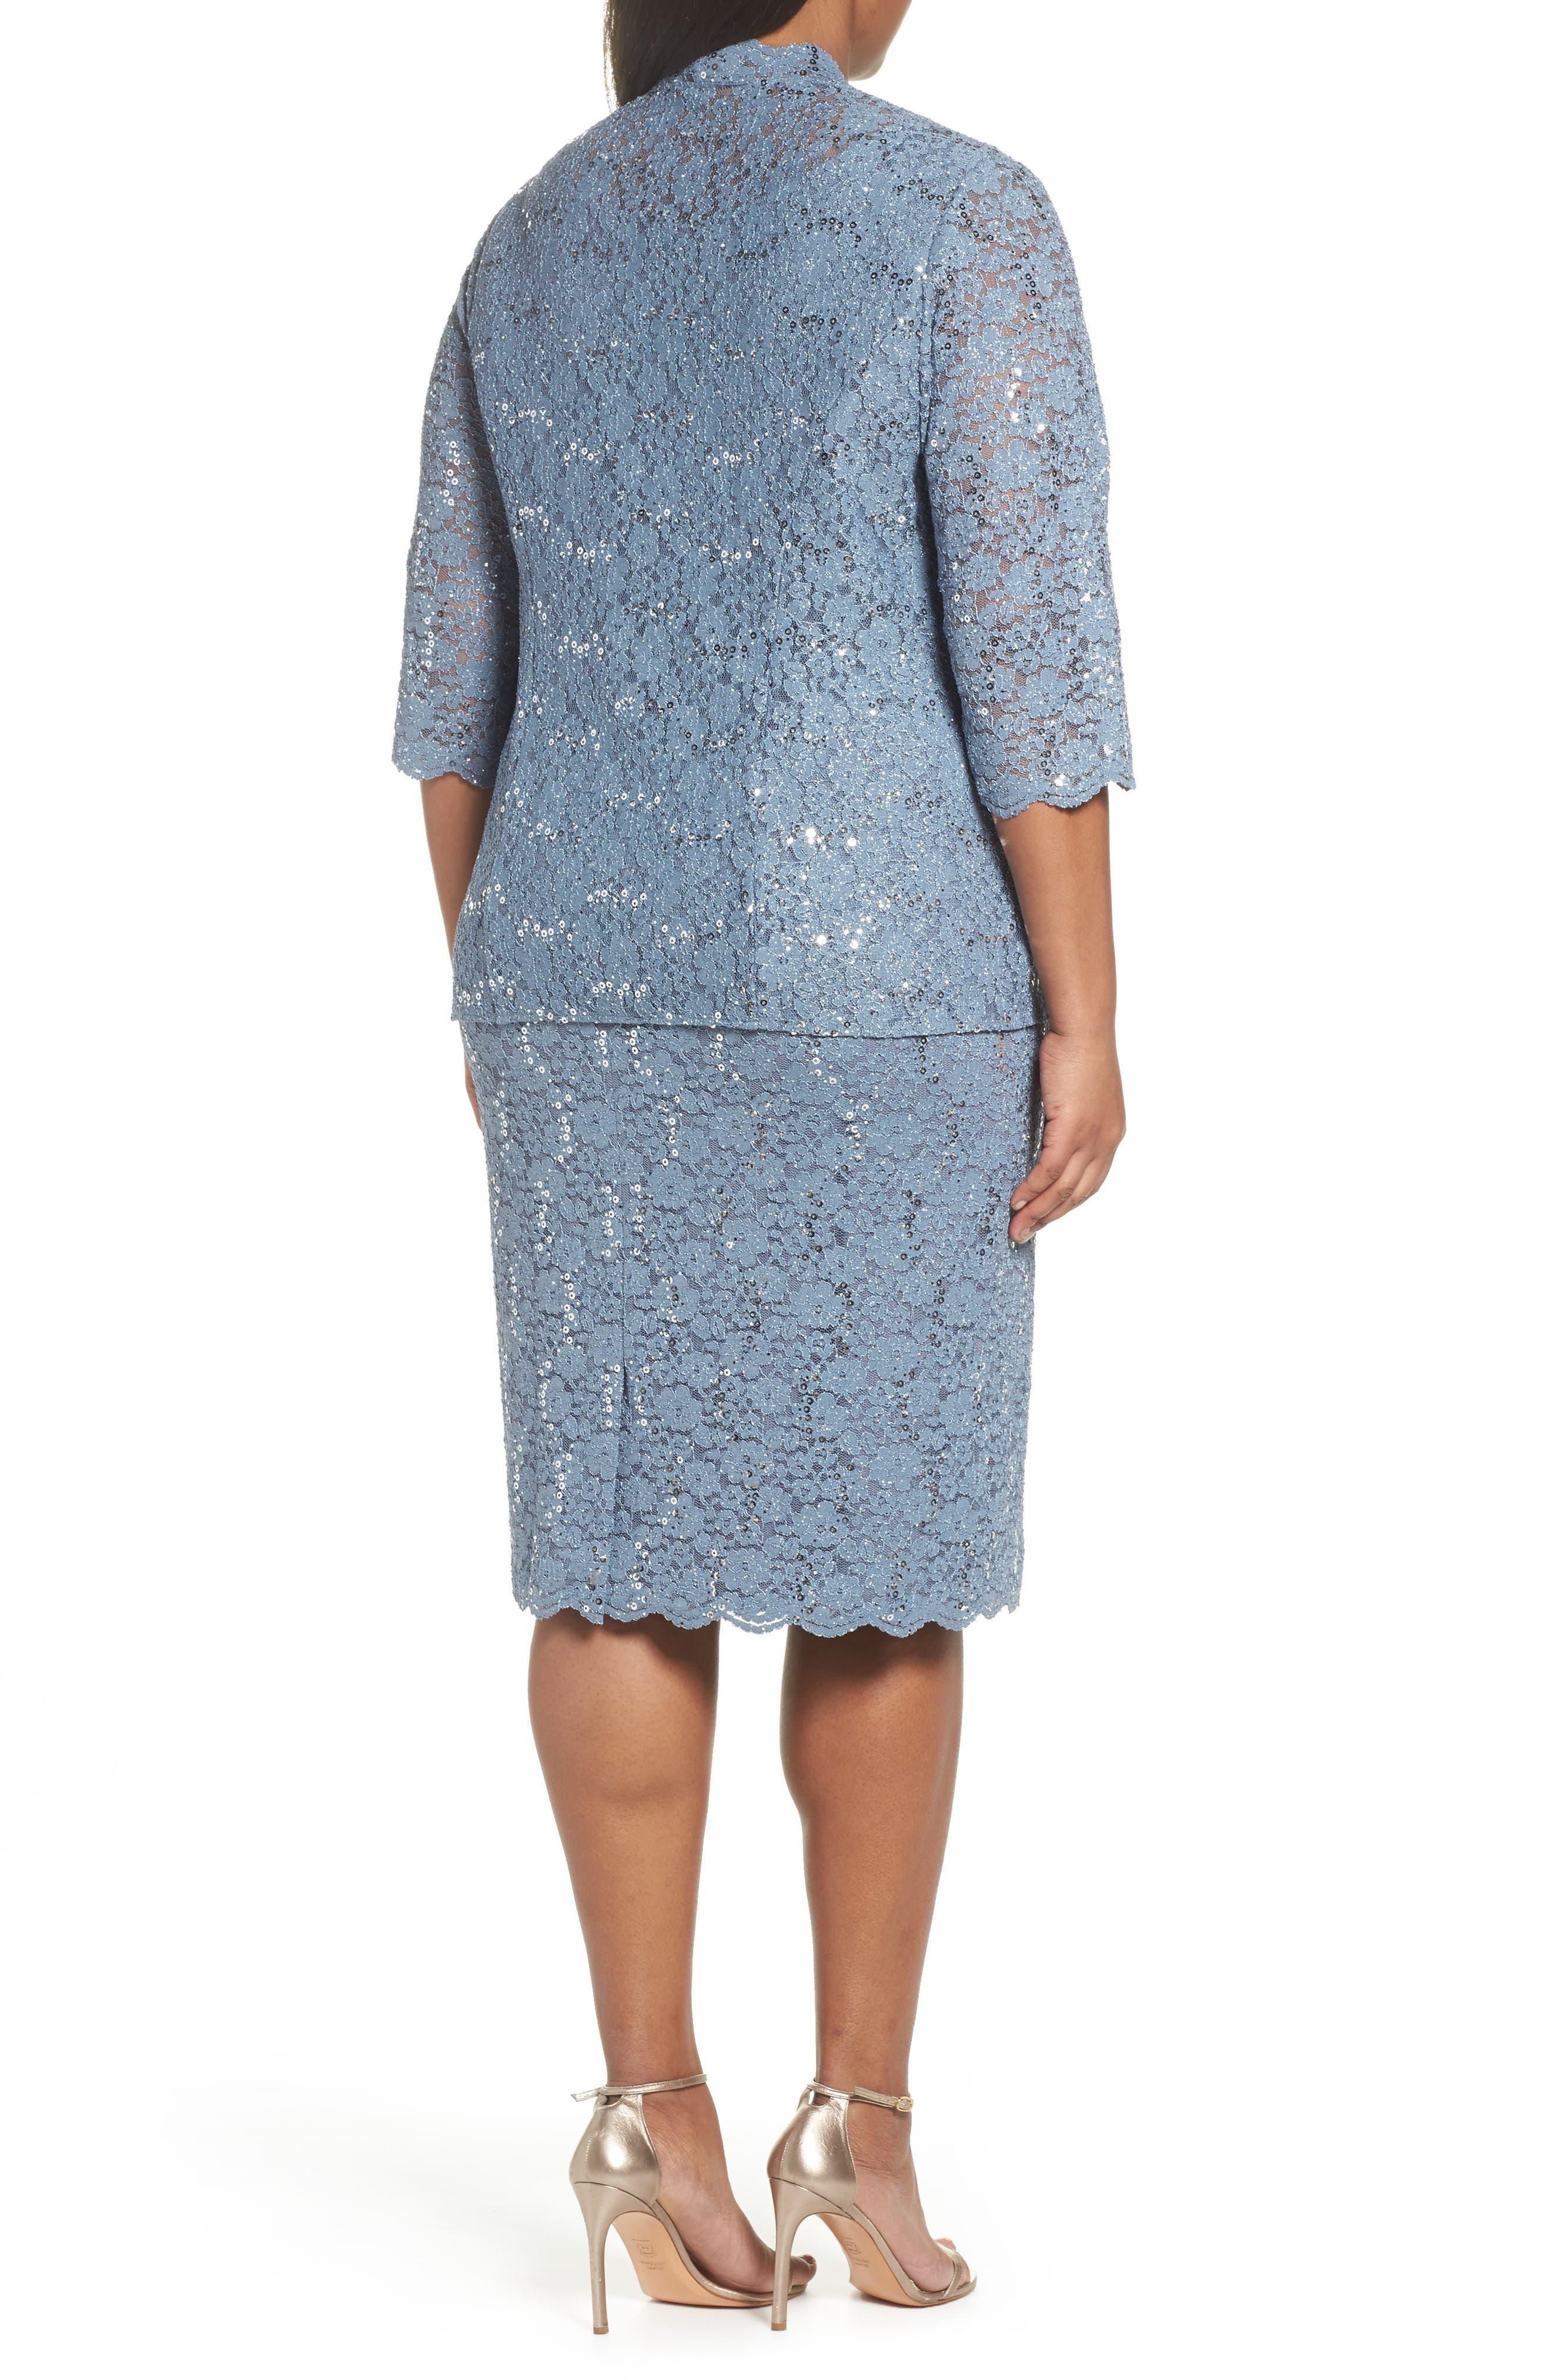 Sequin Lace Jacket Dress,                             Alternate thumbnail 3, color,                             Steel Blue